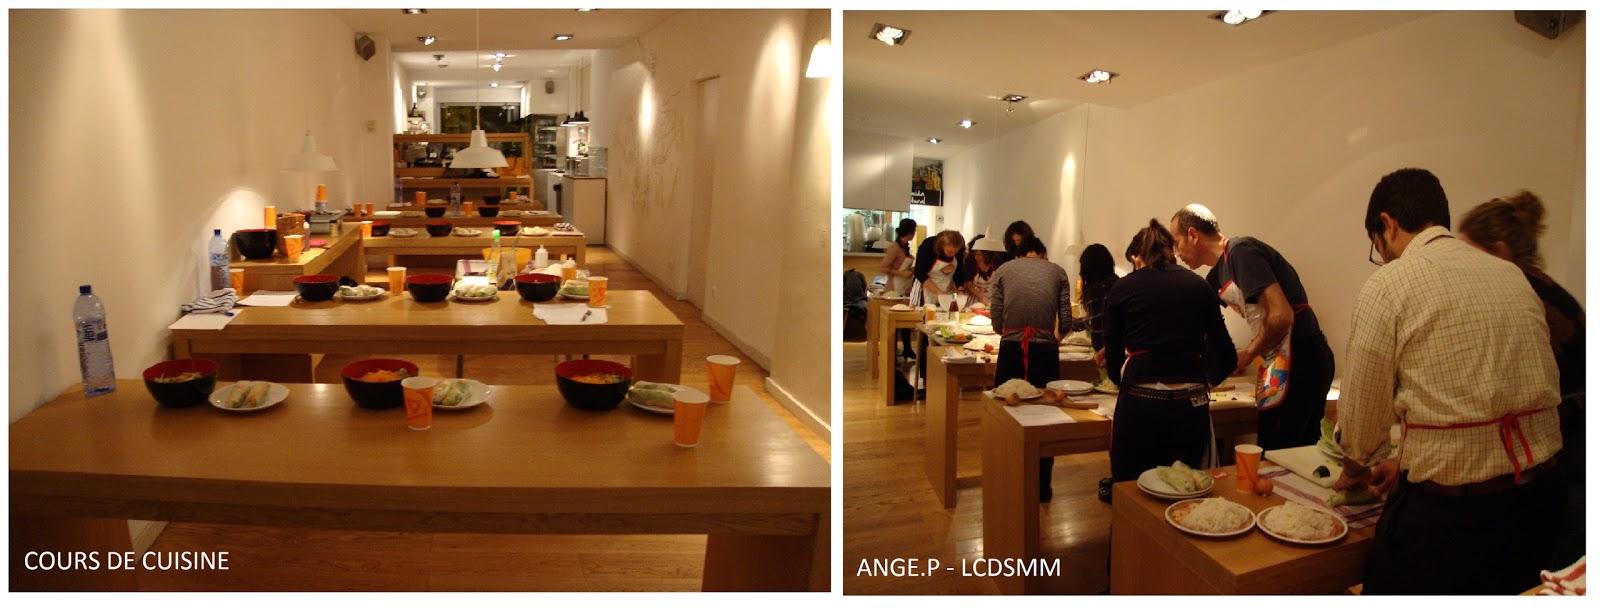 La cuisine des soeurs miam miam cours de cuisine for Apprendre la cuisine asiatique